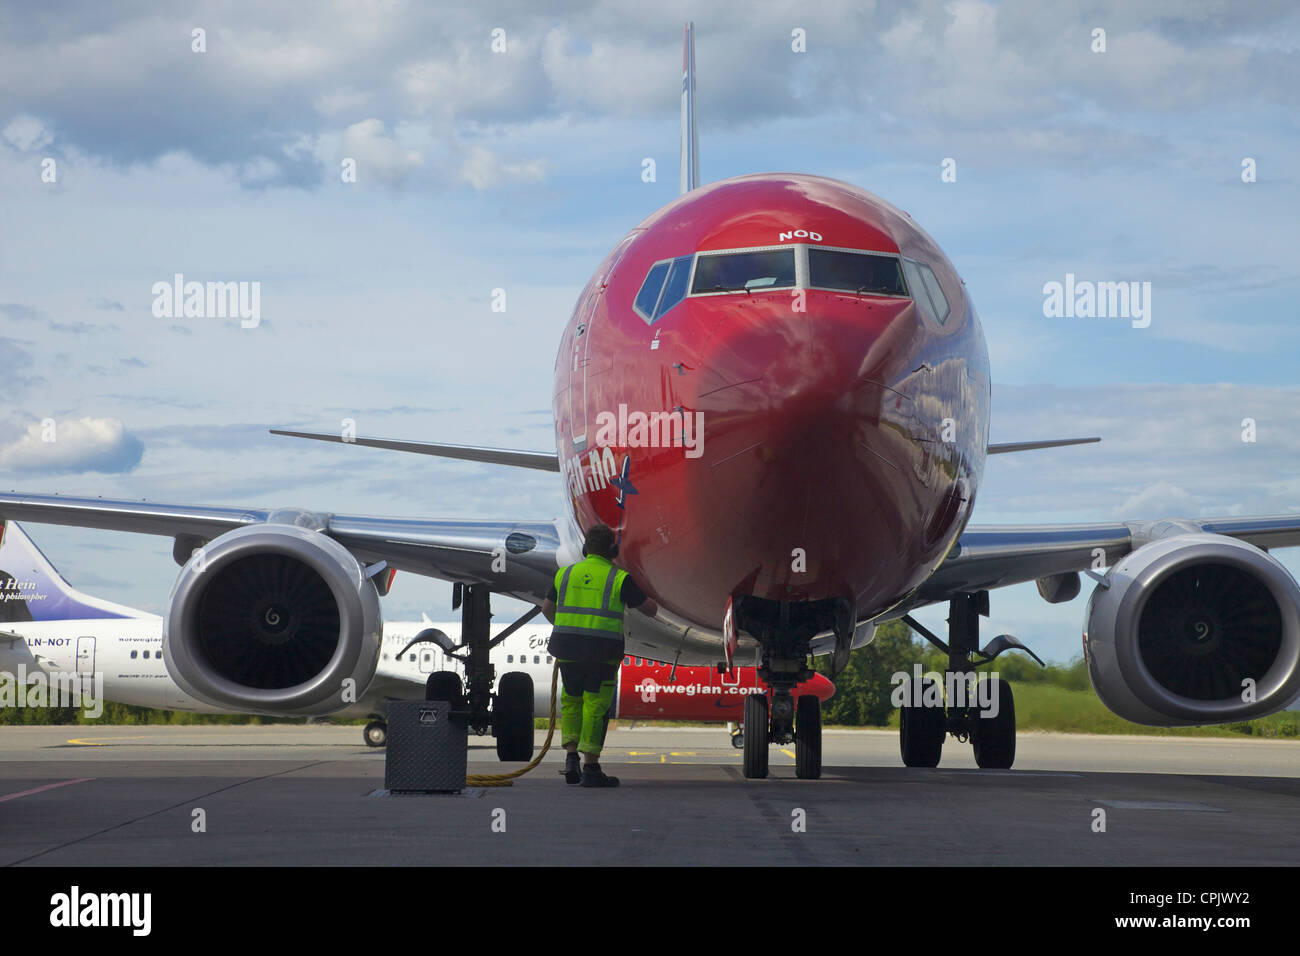 Norwegian.com shuttle airline Oslo international airport Norway, Europe - Stock Image